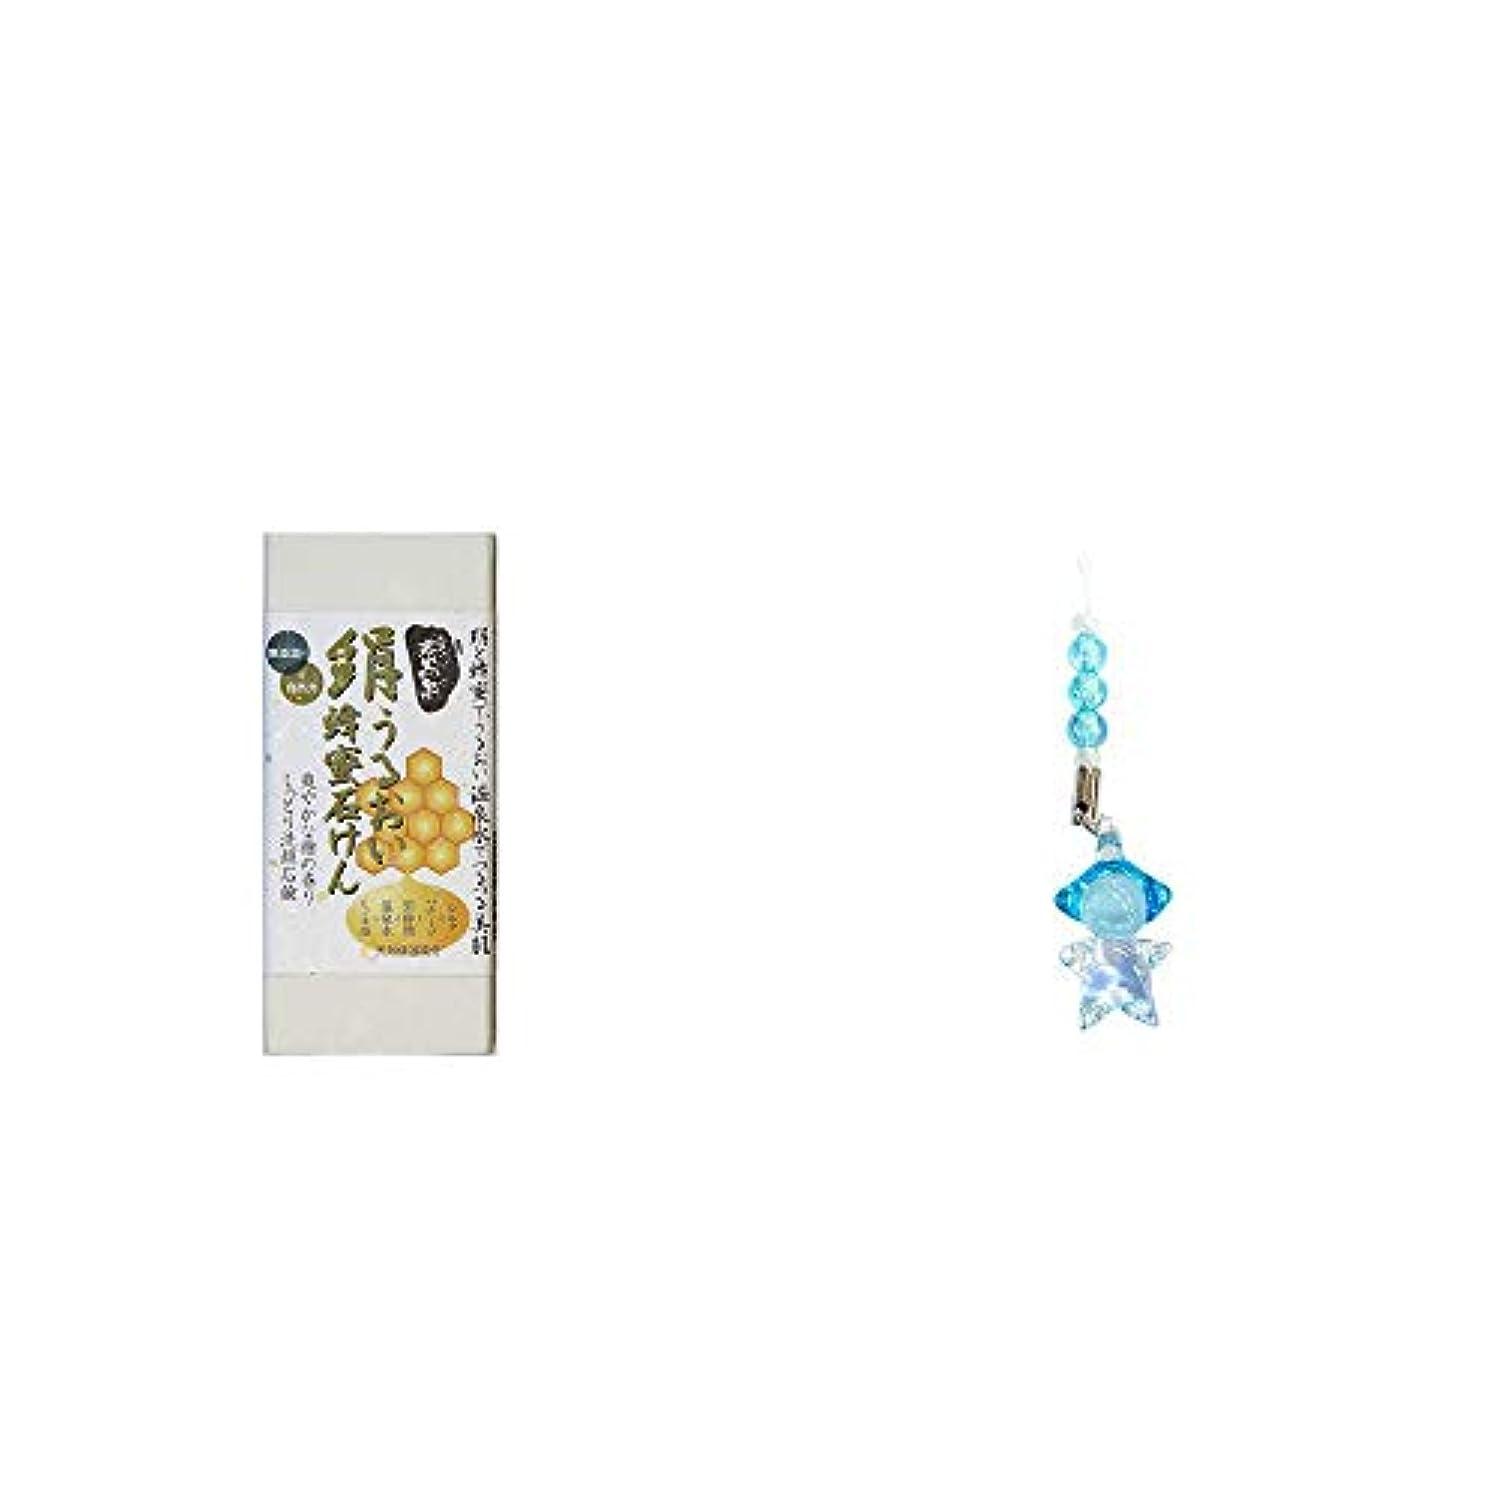 [2点セット] ひのき炭黒泉 絹うるおい蜂蜜石けん(75g×2)?ガラスのさるぼぼ 手作りキーホルダー 【青】 /勉強運?仕事運?集中力?合格祈願?出世祈願//